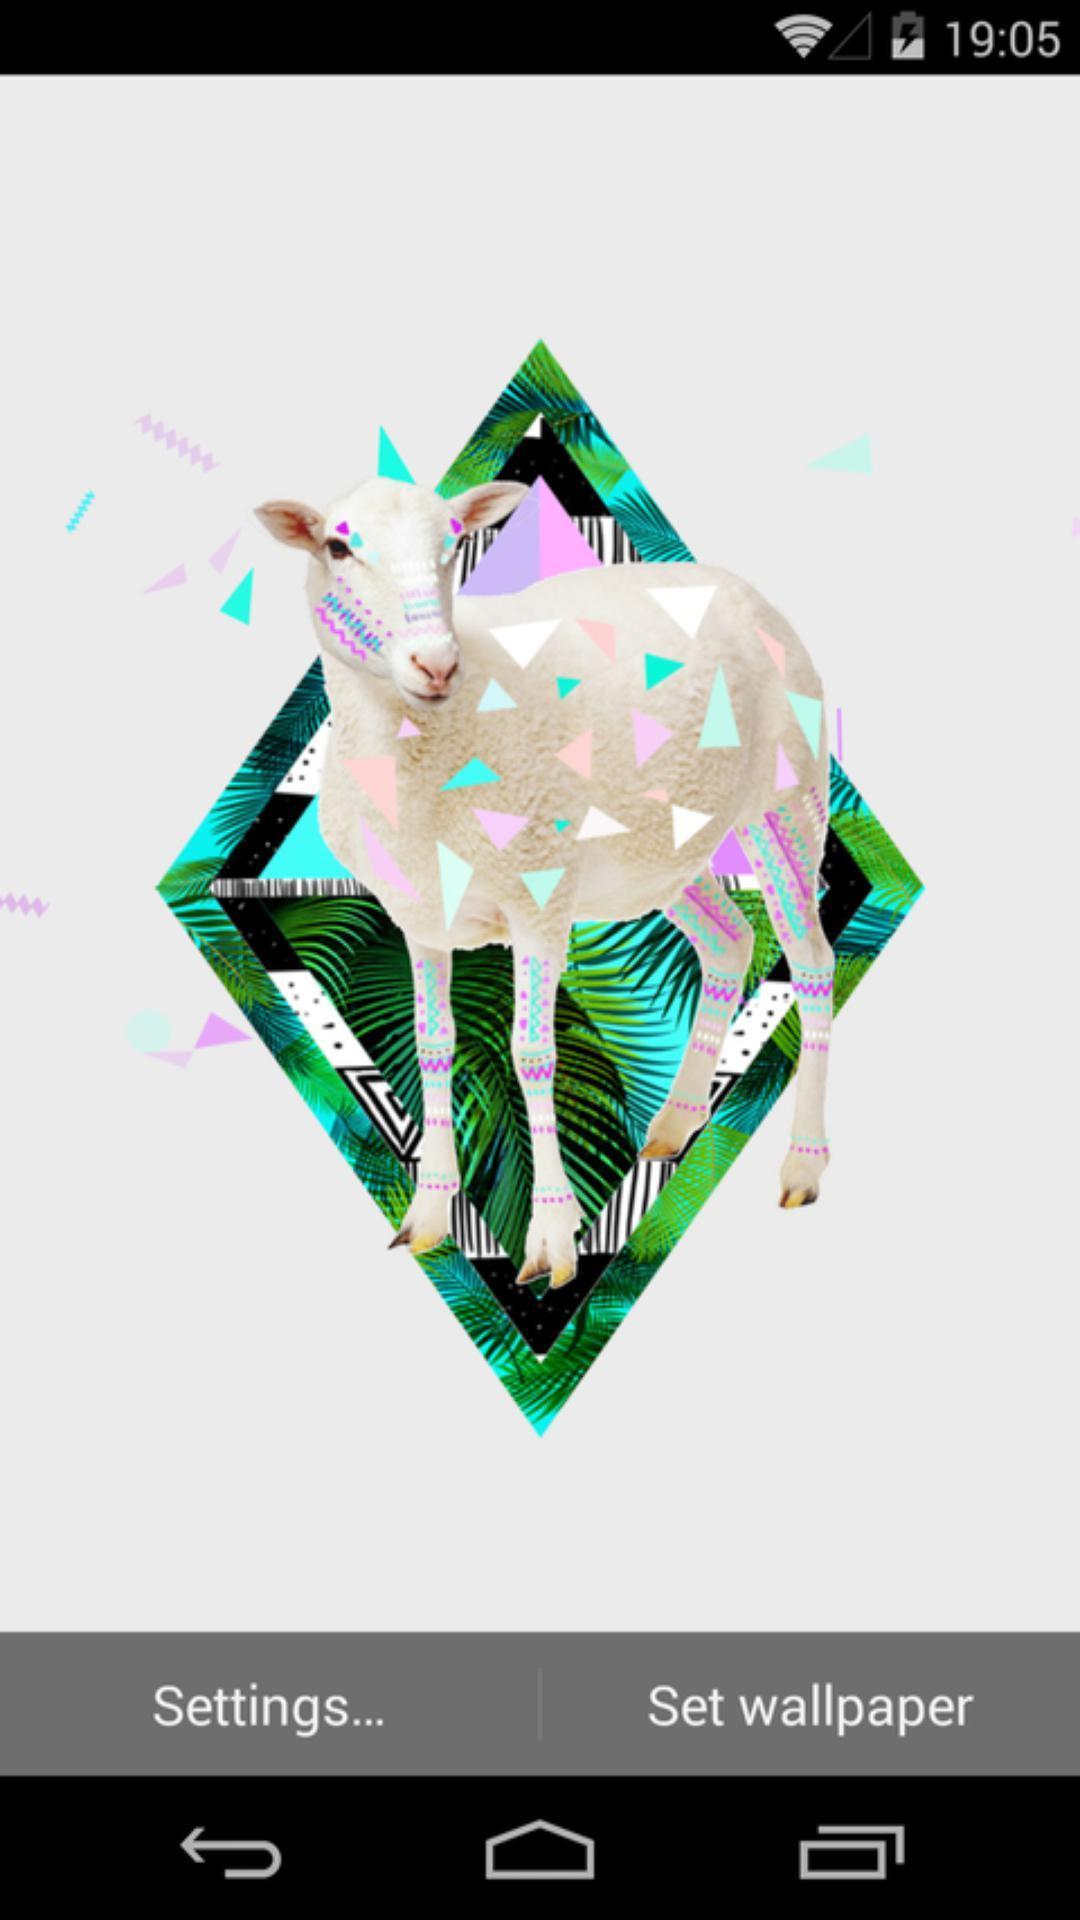 咩咩羊-梦象动态壁纸